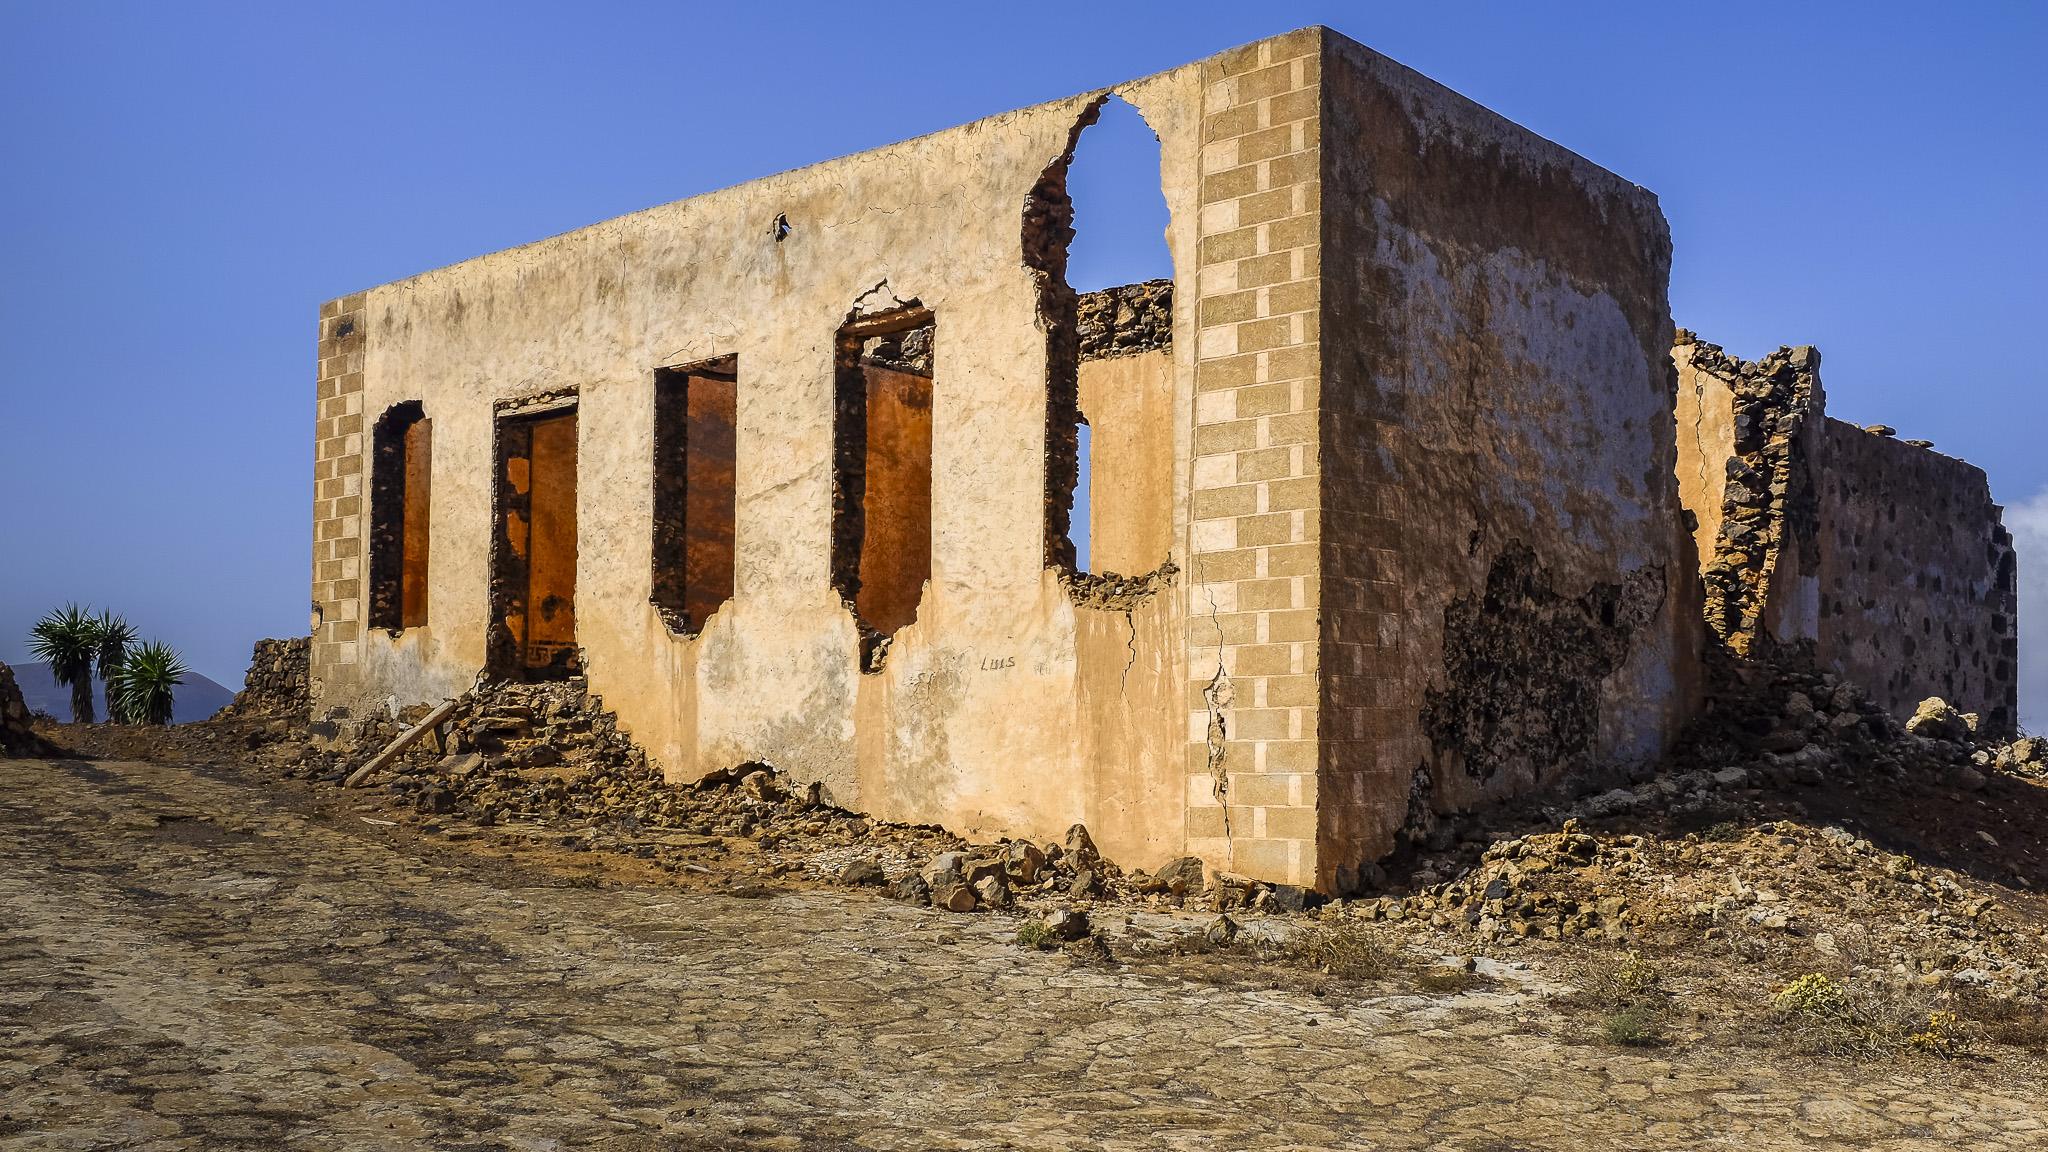 Foto de Ramón Pérez Niz, de paseo por Masdache, una ruina.